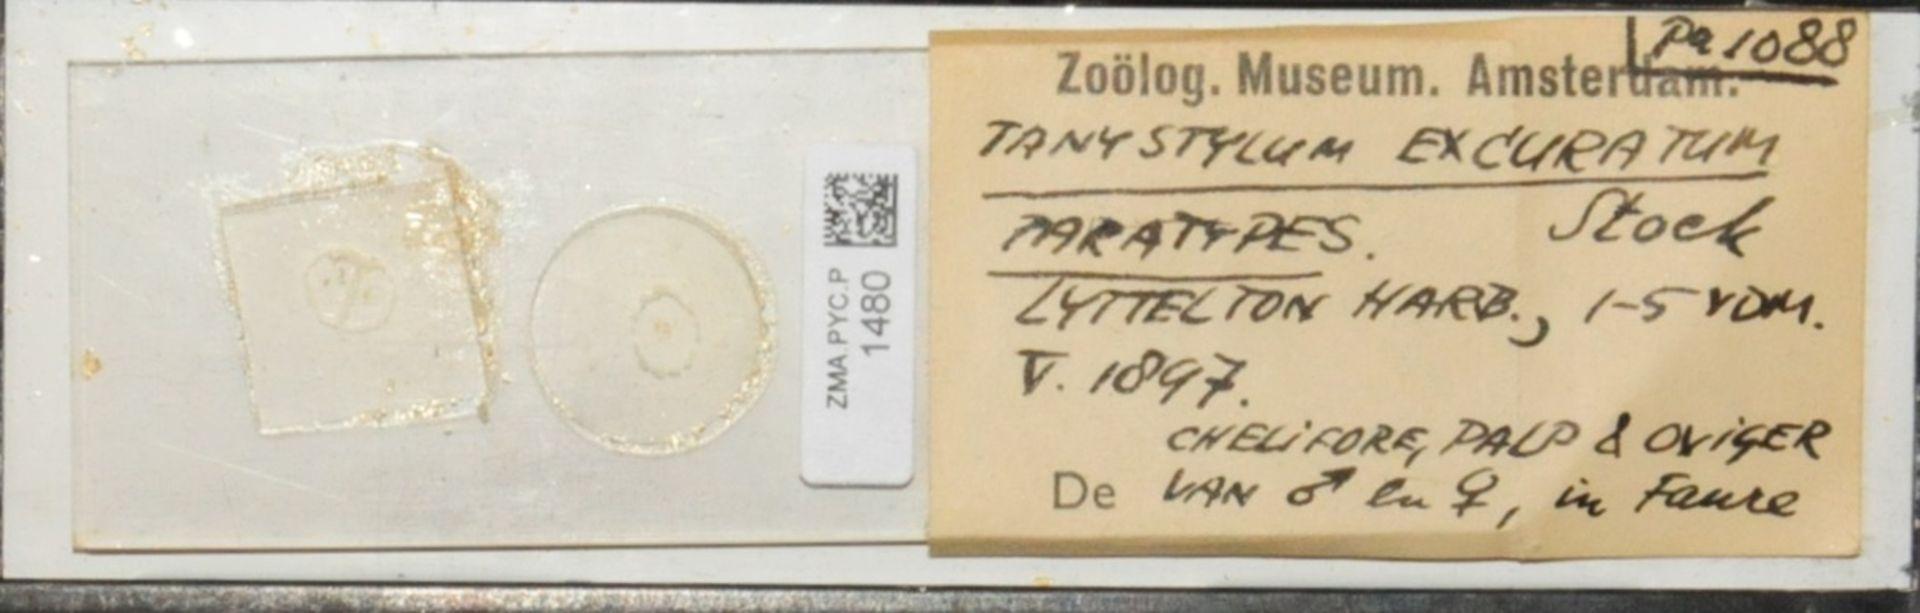 ZMA.PYC.P.1480 | Tanystylum excuratum Stock